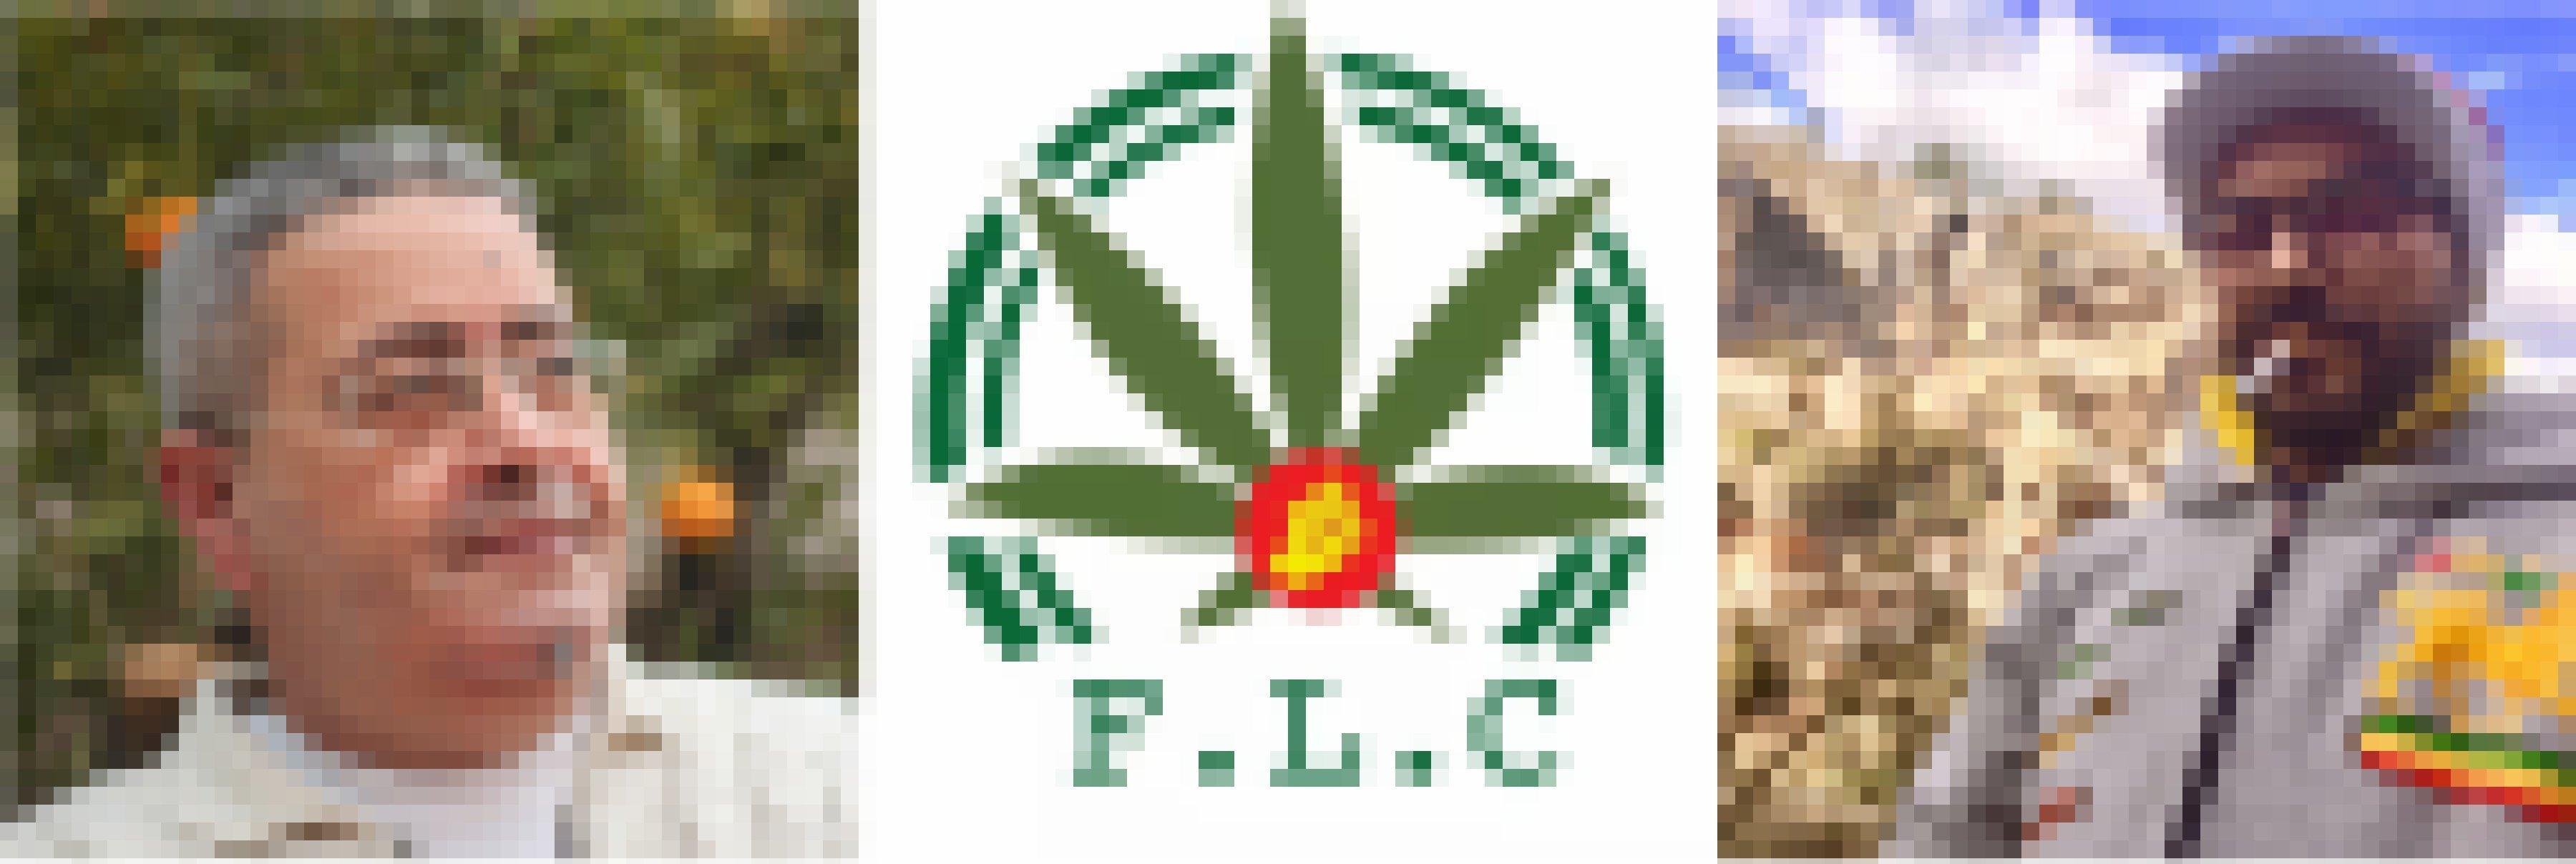 Fotos von zwei Männern und dem Logo der Front für die Legalisierung von Cannabis